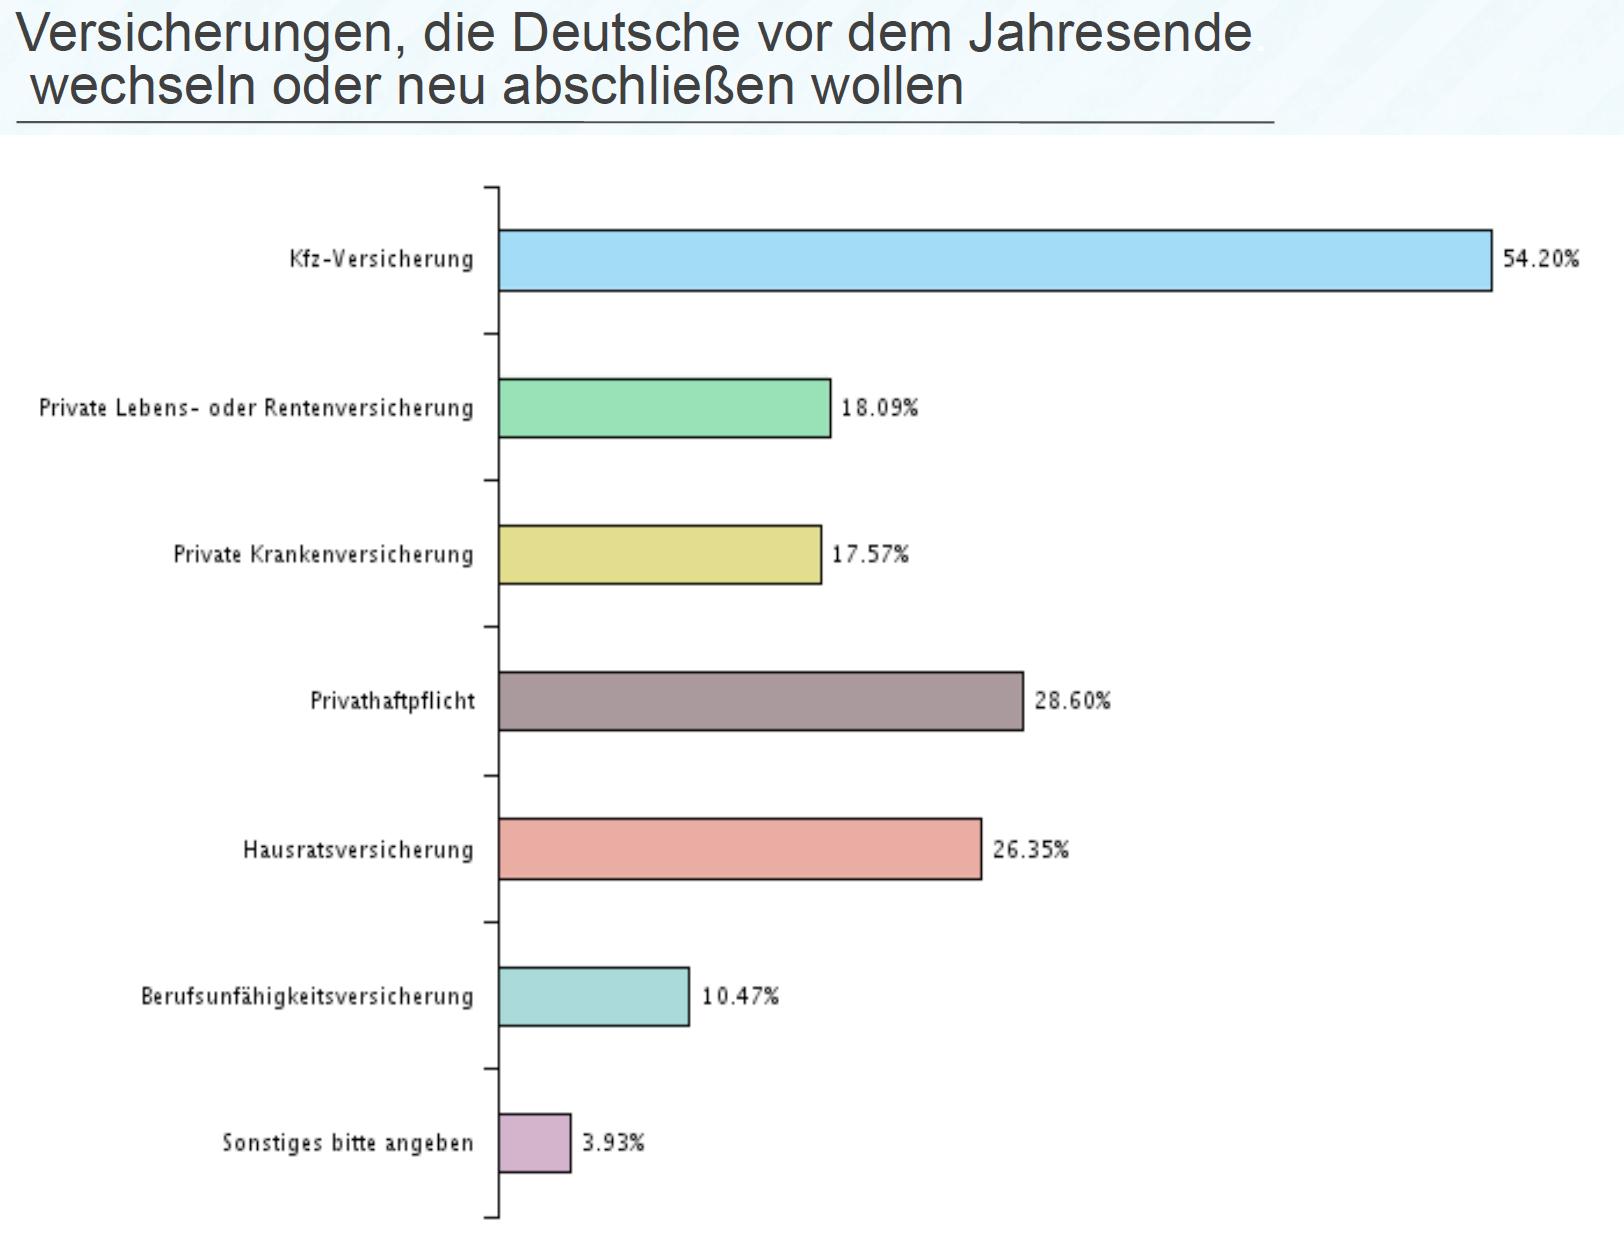 Versicherungswechsel-nach-Sparten in Umfrage: Mehrheit der Deutschen drückt sich um Versicherungscheck